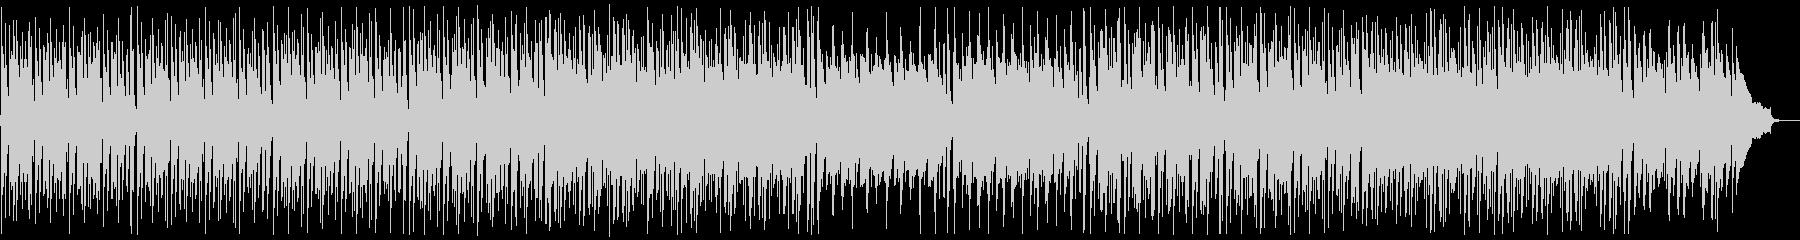 明るく前向きなピアノポップ:高い弦なしの未再生の波形